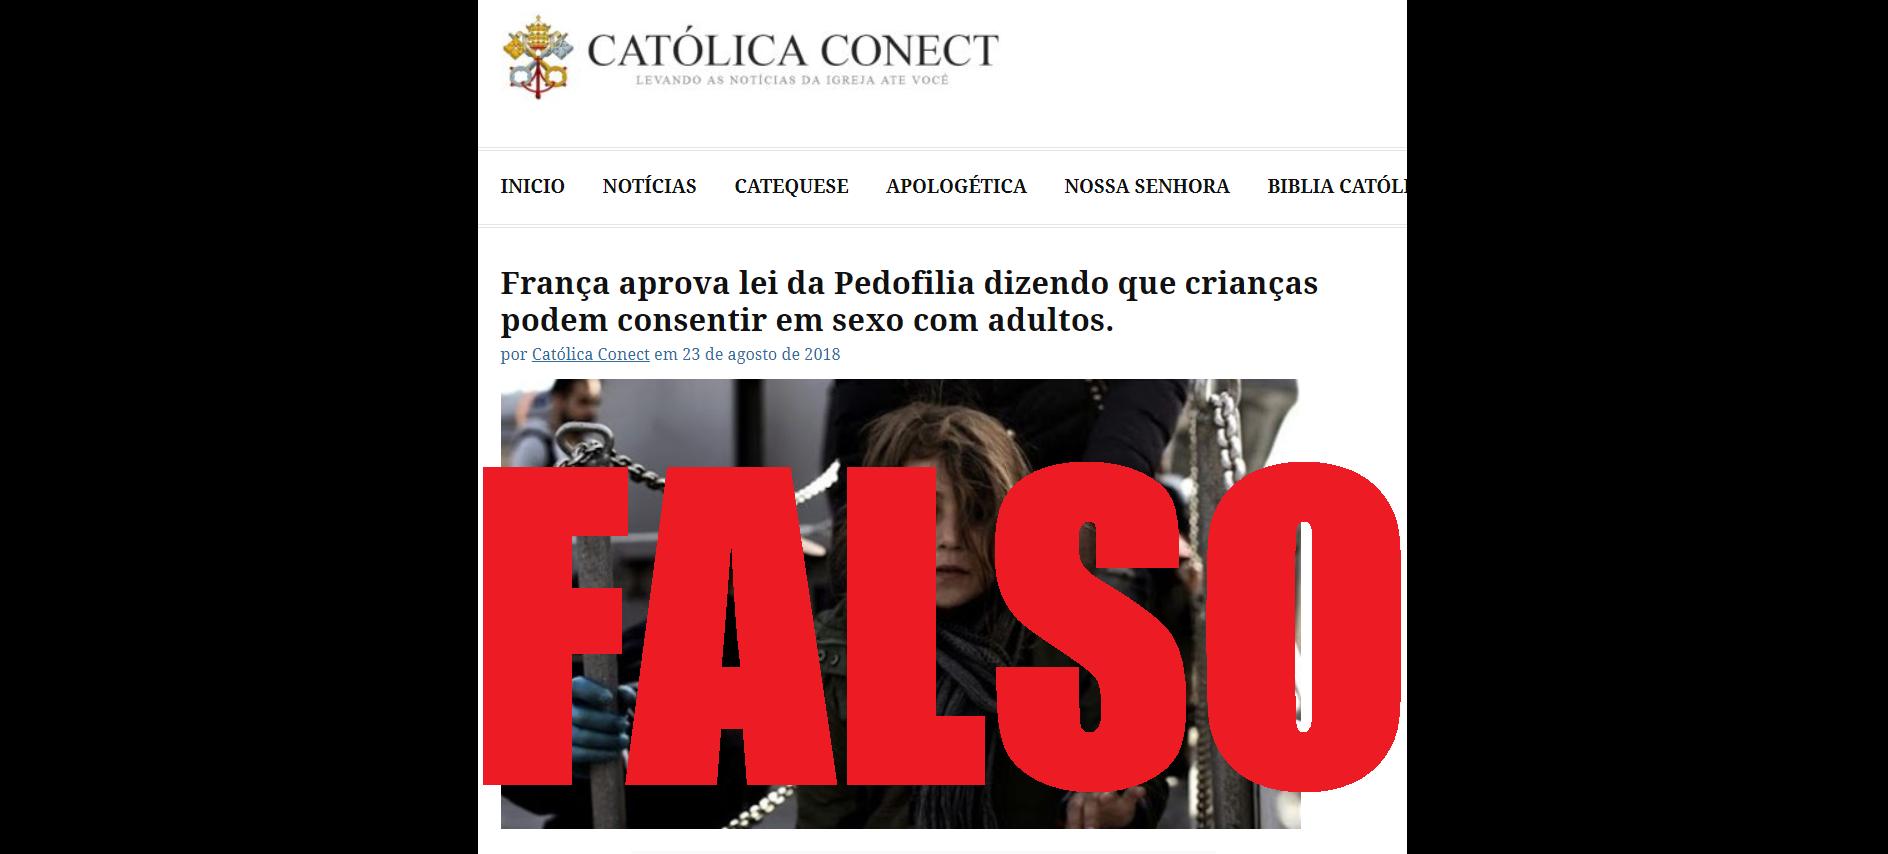 Captura de tela de uma publicação disseminando a notícia falsa, 5 de setembro de 2018